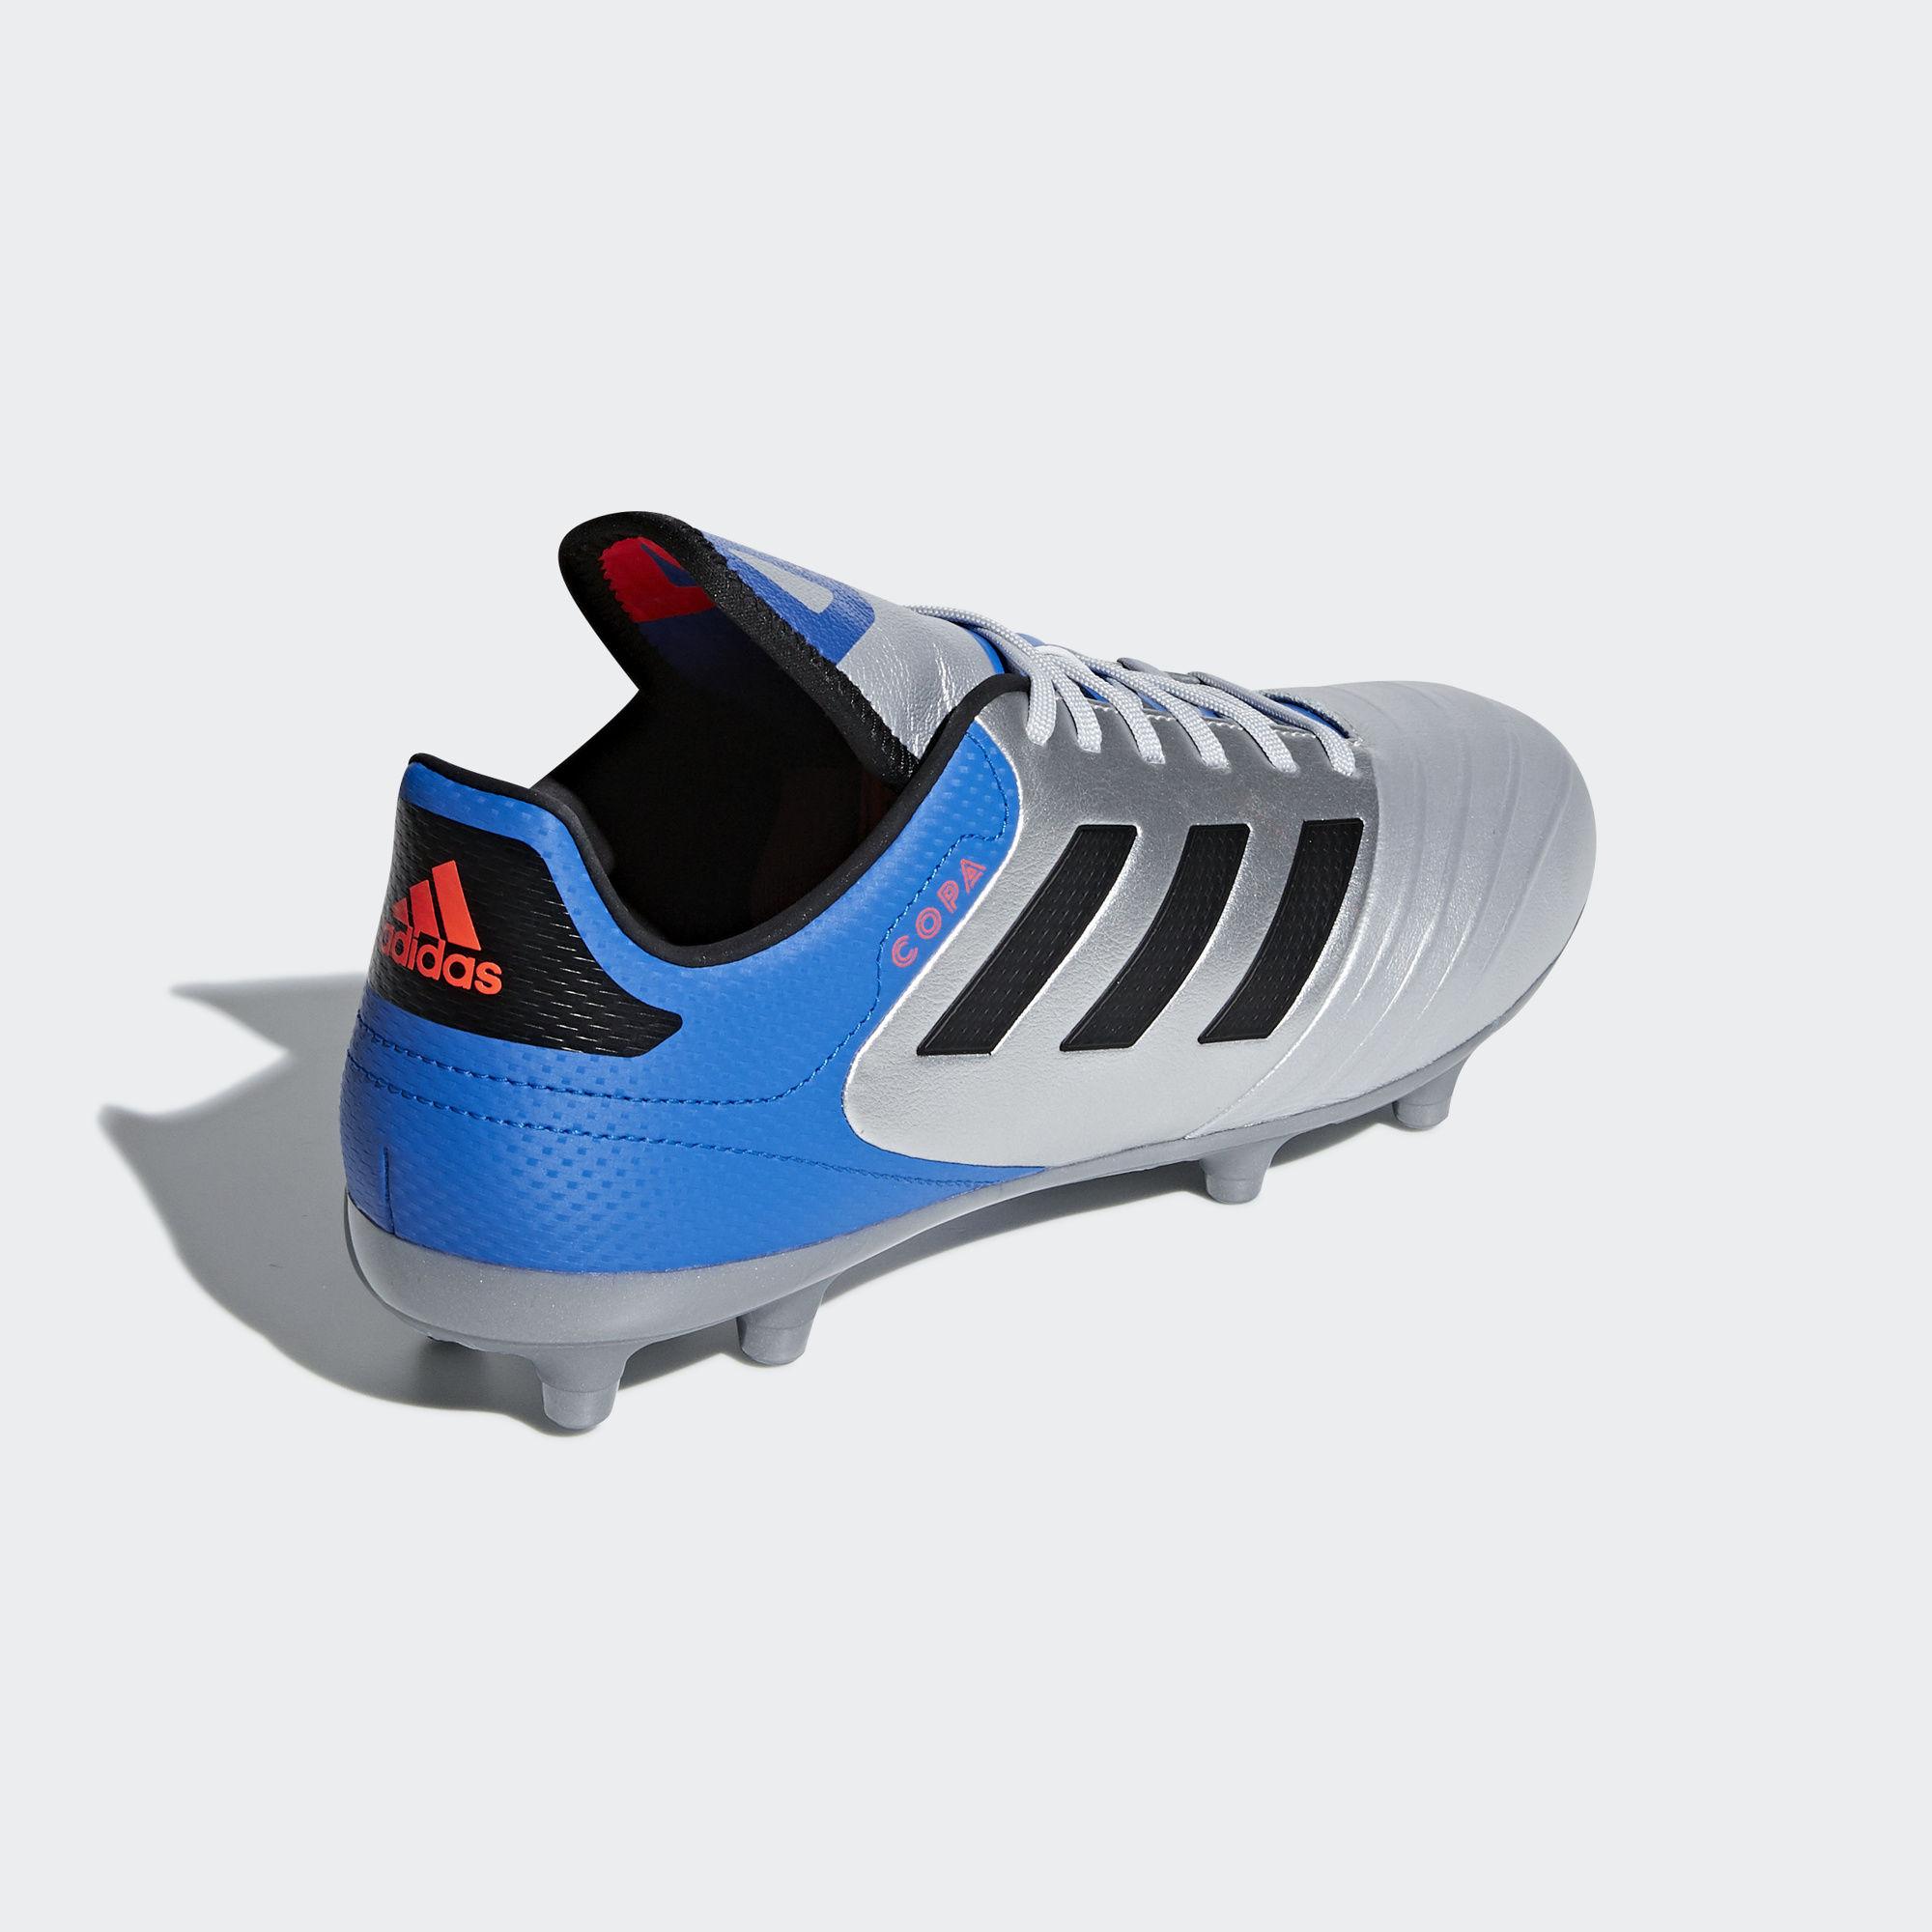 Football shoes Adidas Scarpe Calcio Copa Grigio Silver 18.3 FG 2018 Vera  Pelle 8 8 di 9 ... f3e2b45d7c0